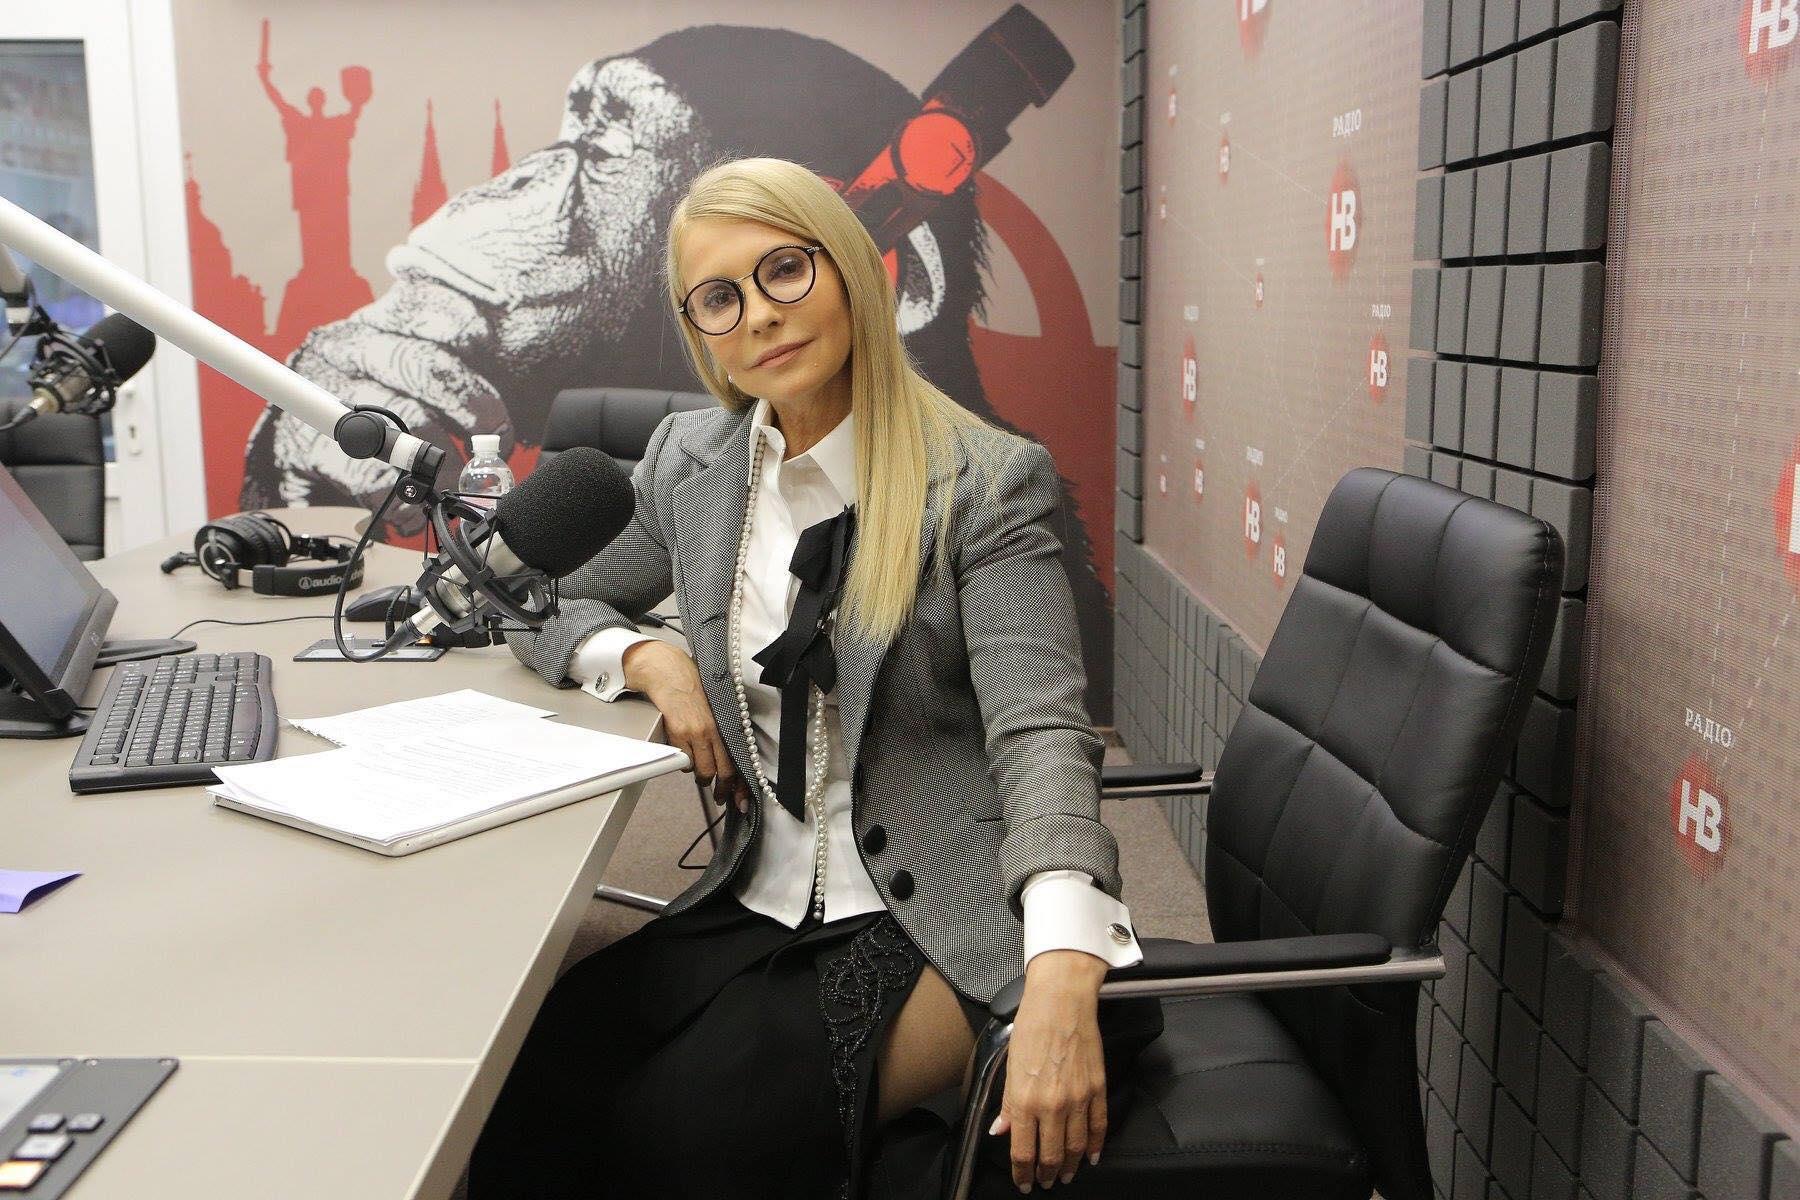 Технологи Тимошенко рассчитывают расширить поддержку за пределами ее ядерного электората, привлекая в сторонники избирателей в возрасте 30-35 лет, средний или так называемый креативный класс